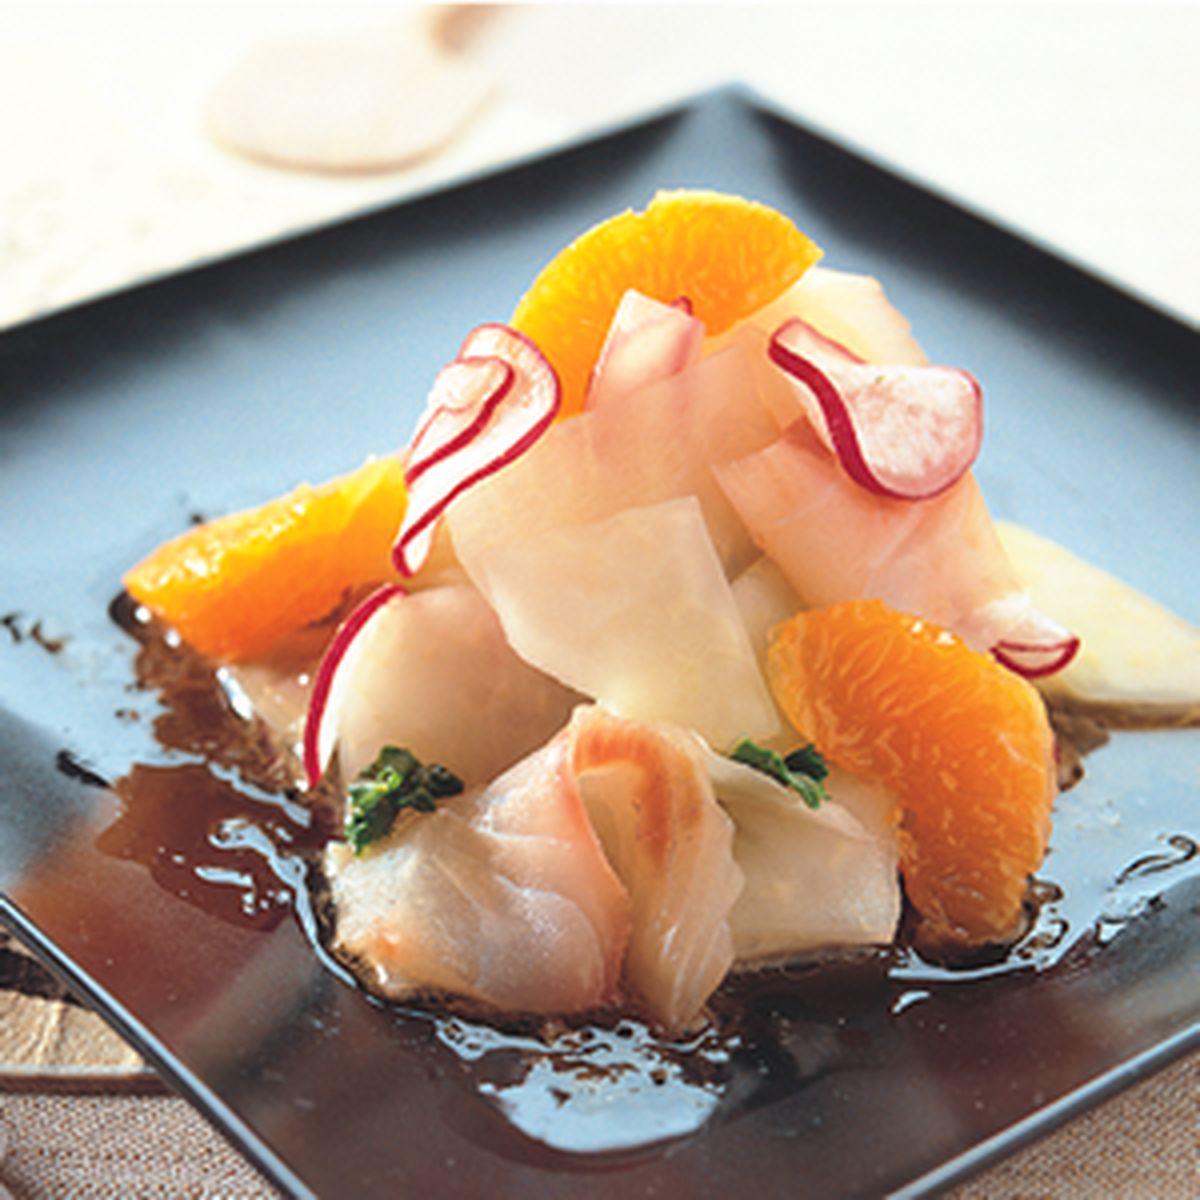 食譜:鯛魚野菜沙拉